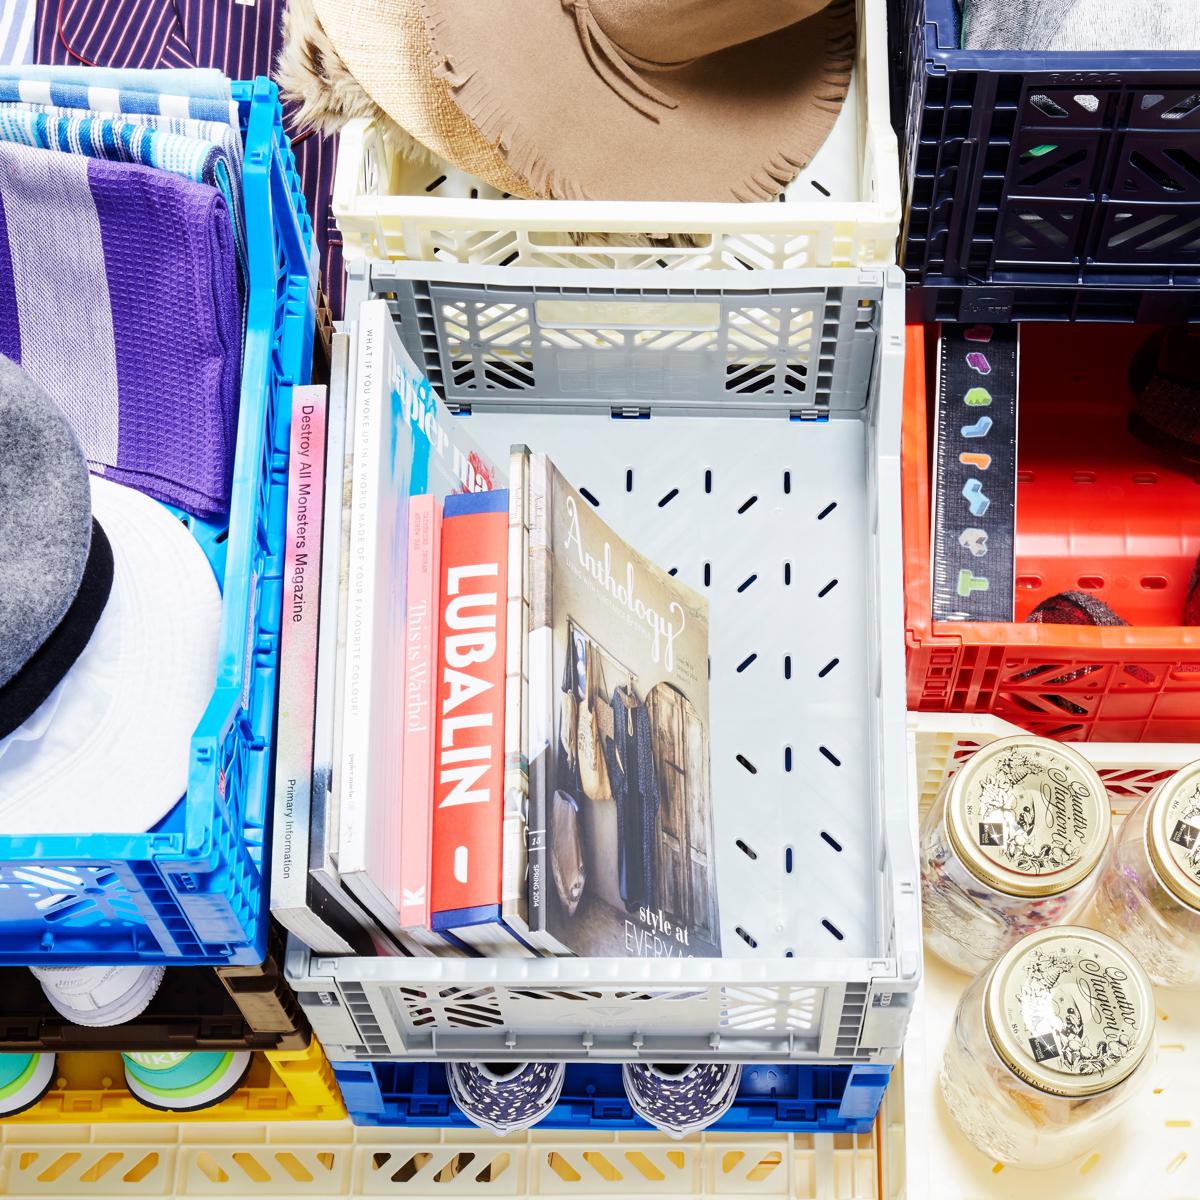 必要な時だけ使える「折りたたみ式」収納ケース|収納上手は「クイック」に整理整頓